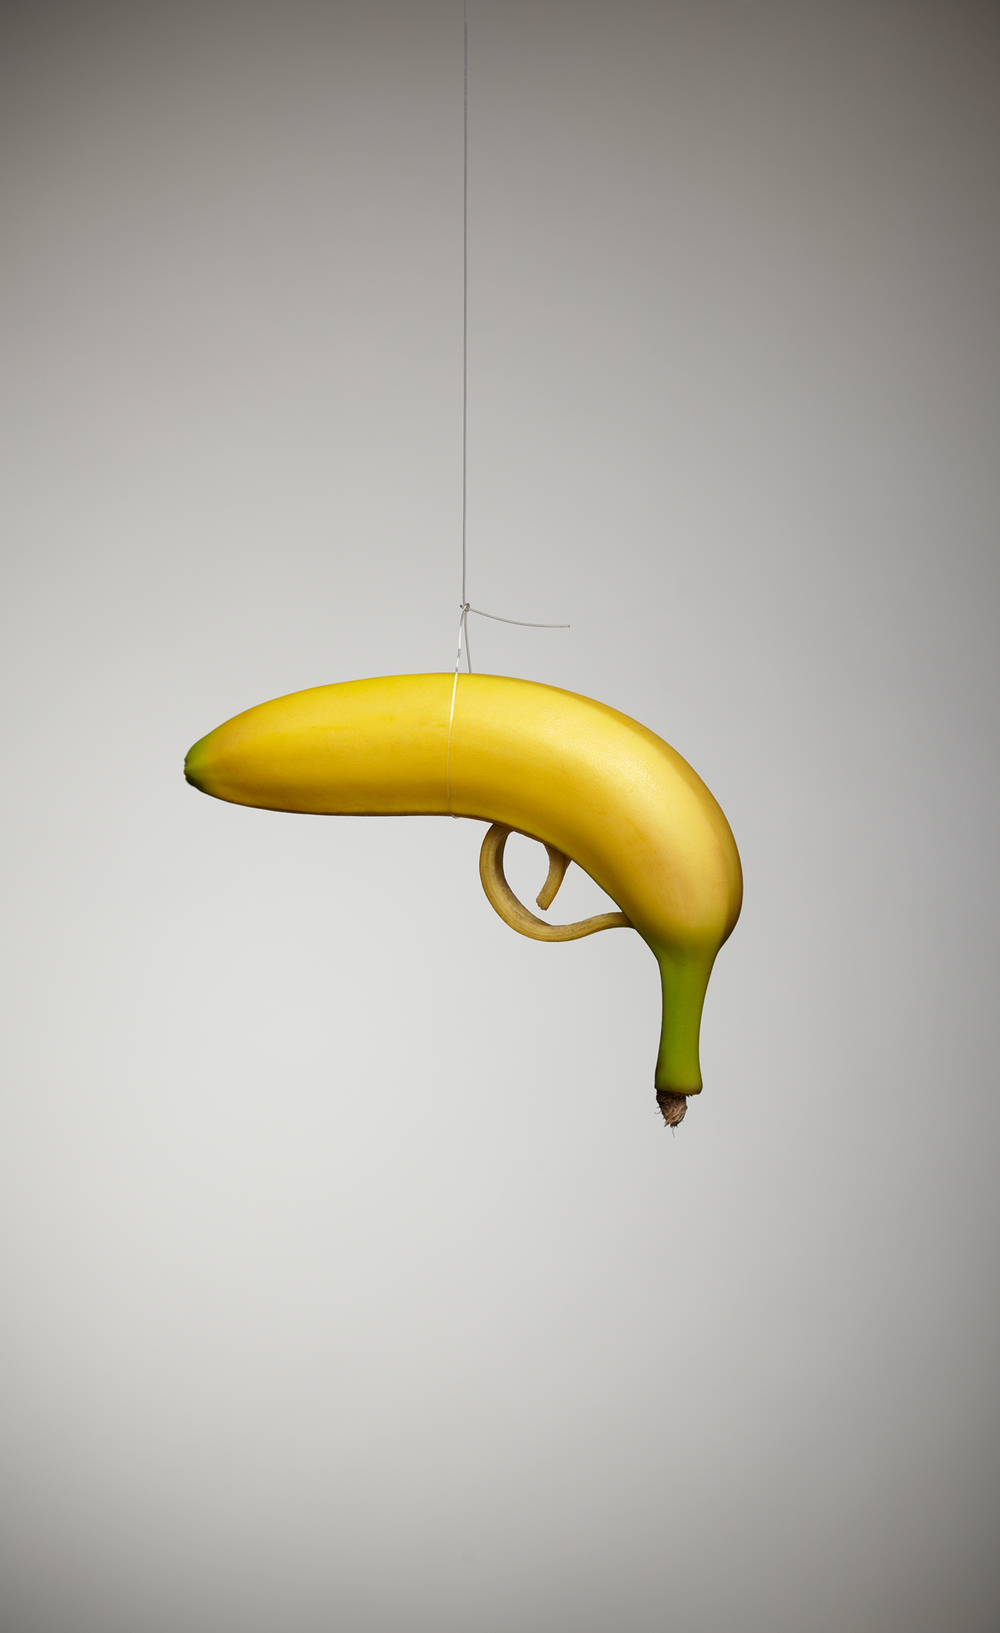 Banana_Gun.jpg